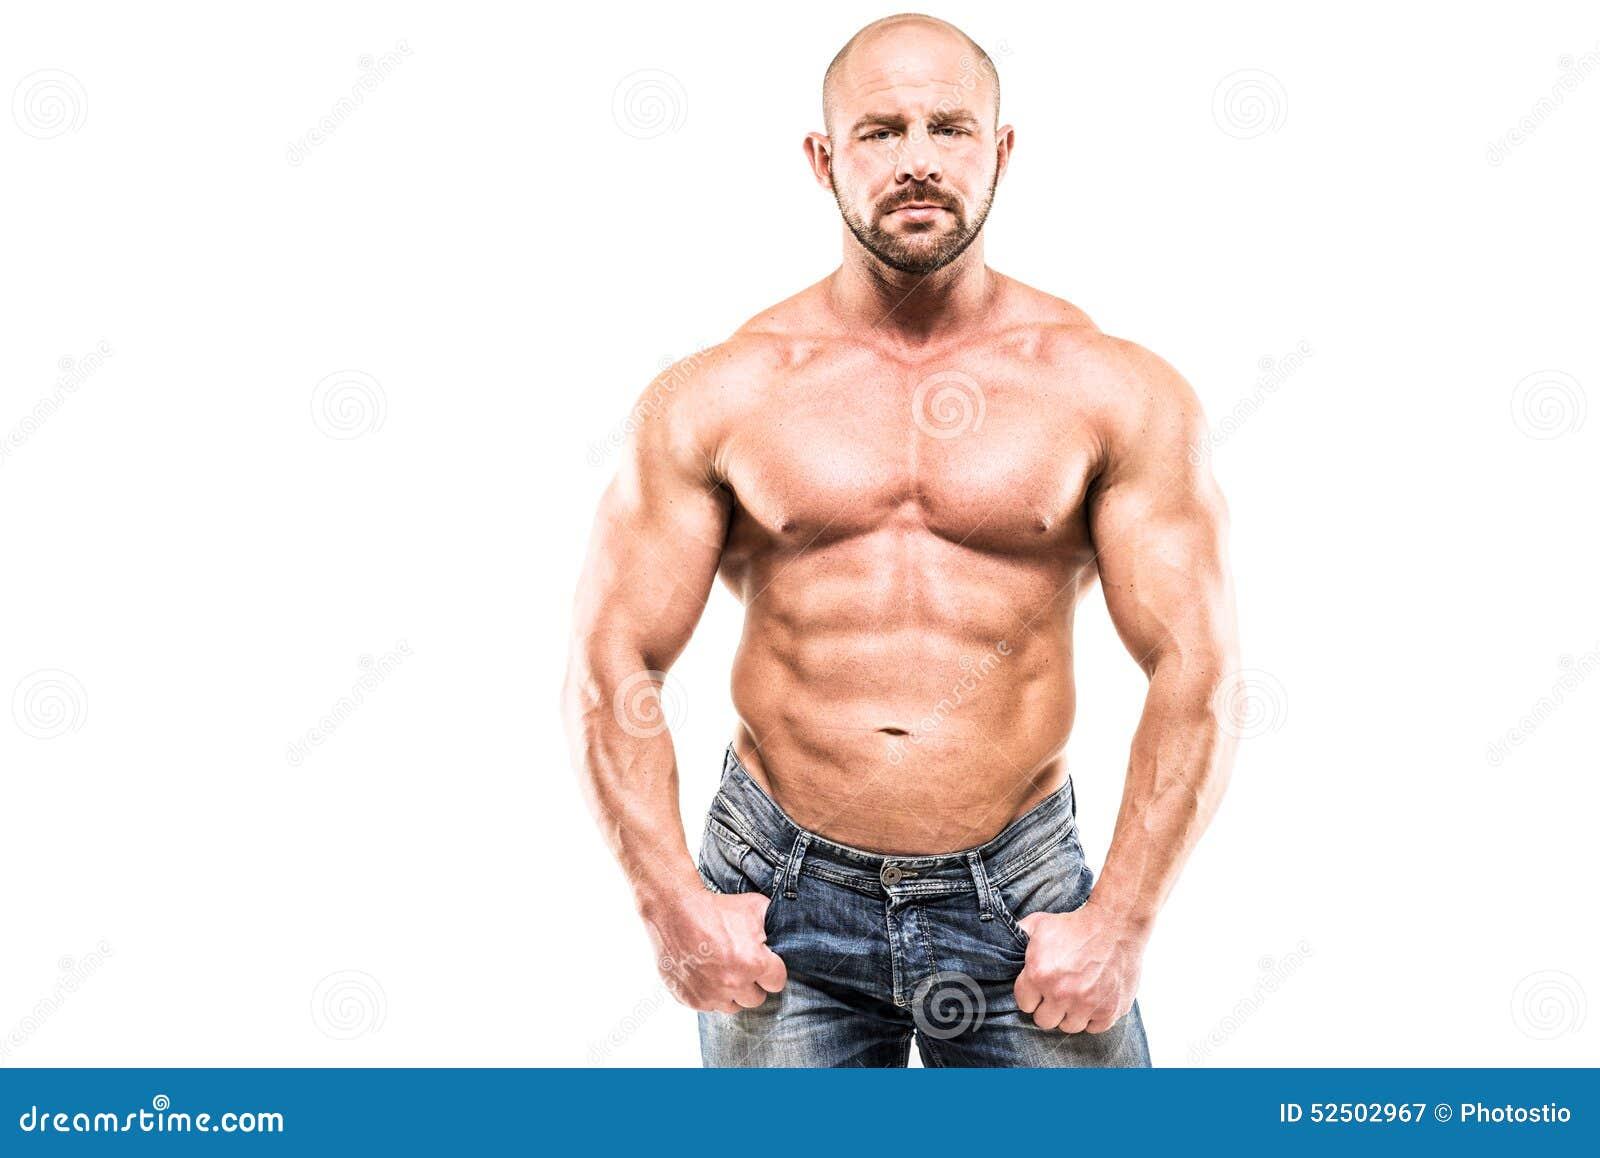 bodybuilder isolated on white background stock image